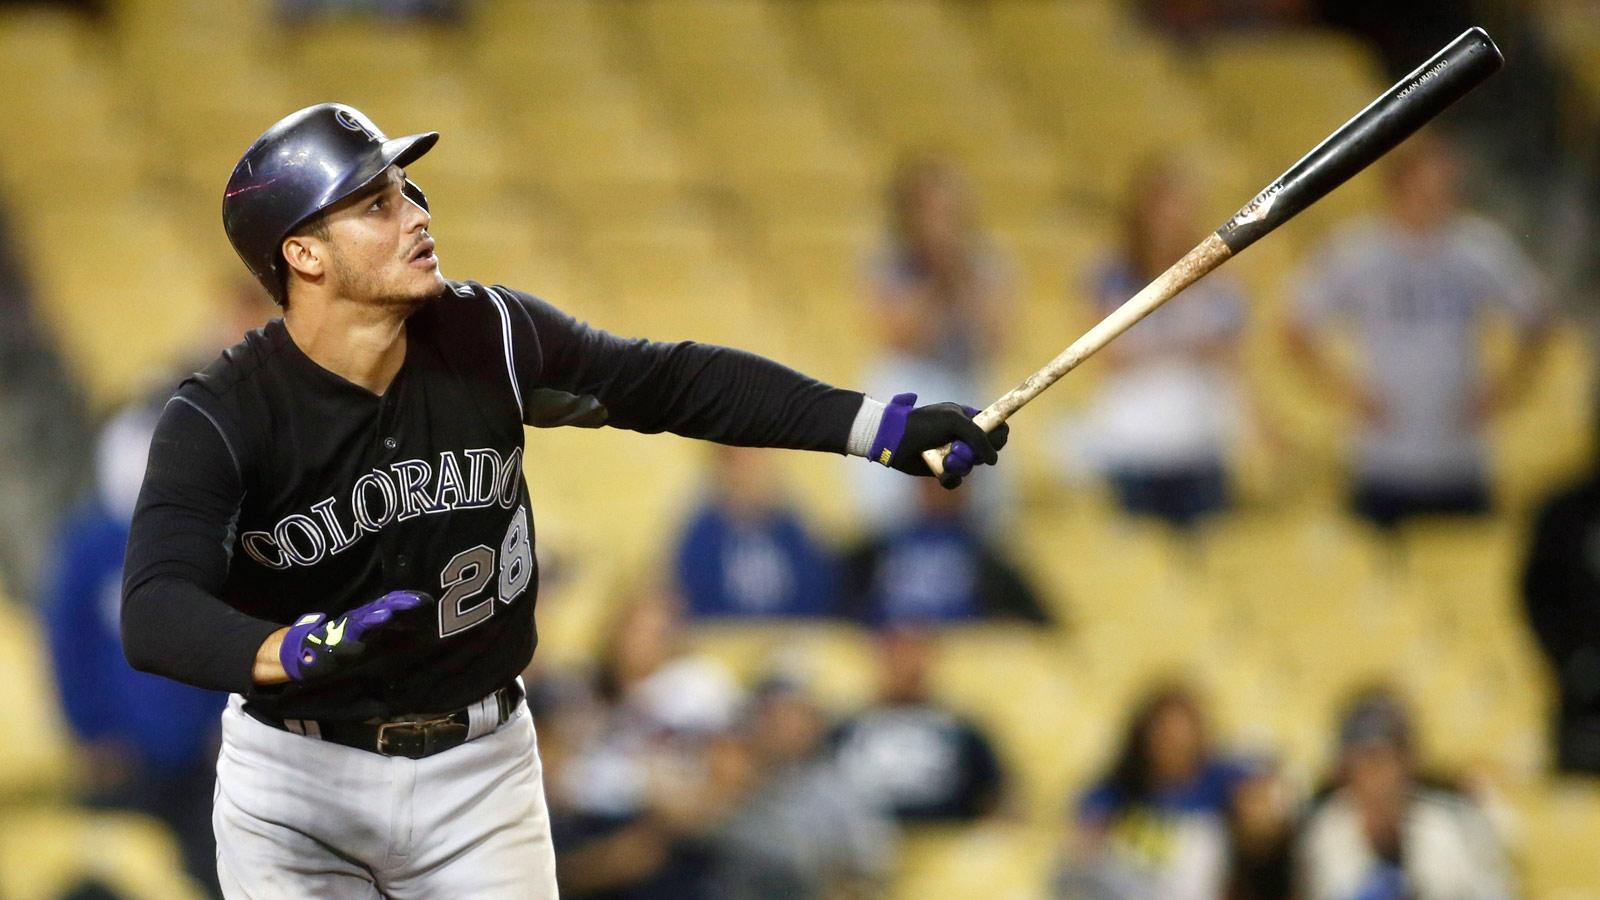 091615-MLB-Colorado-Rockies-third-baseman-Nolan-Arenado-PI-SW